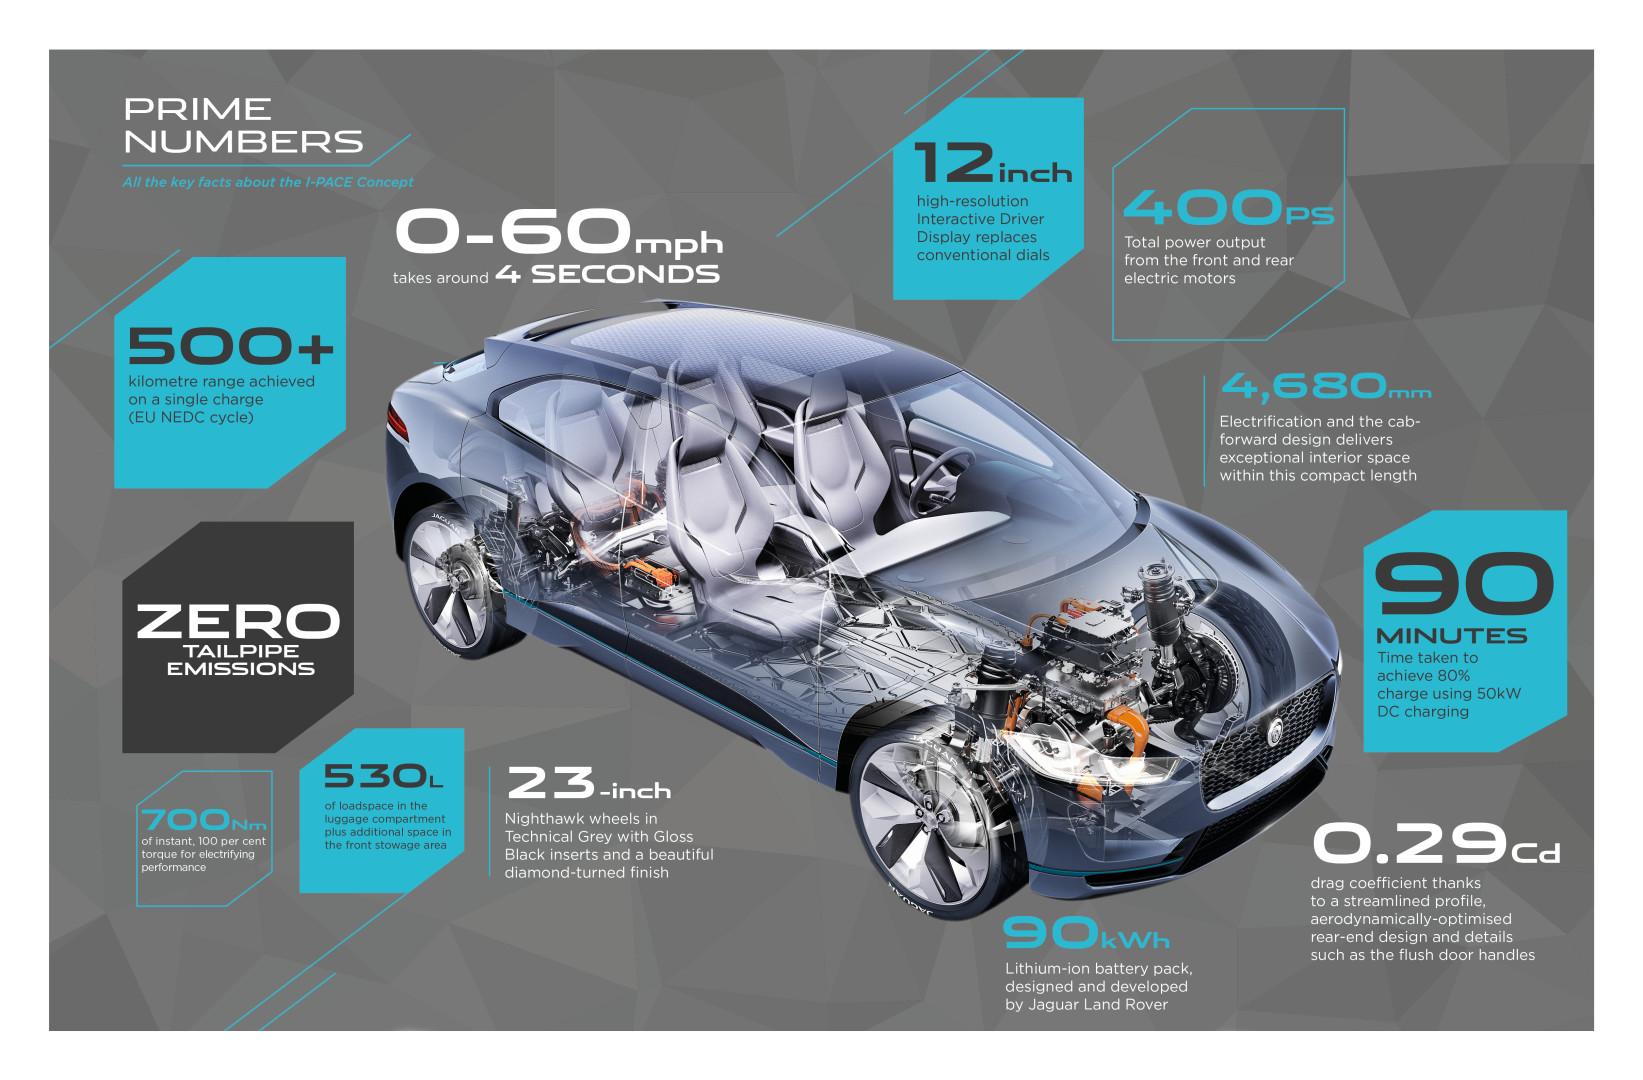 Jaguar Reveals I-PACE Electric Vehicle Concept > ENGINEERING.com